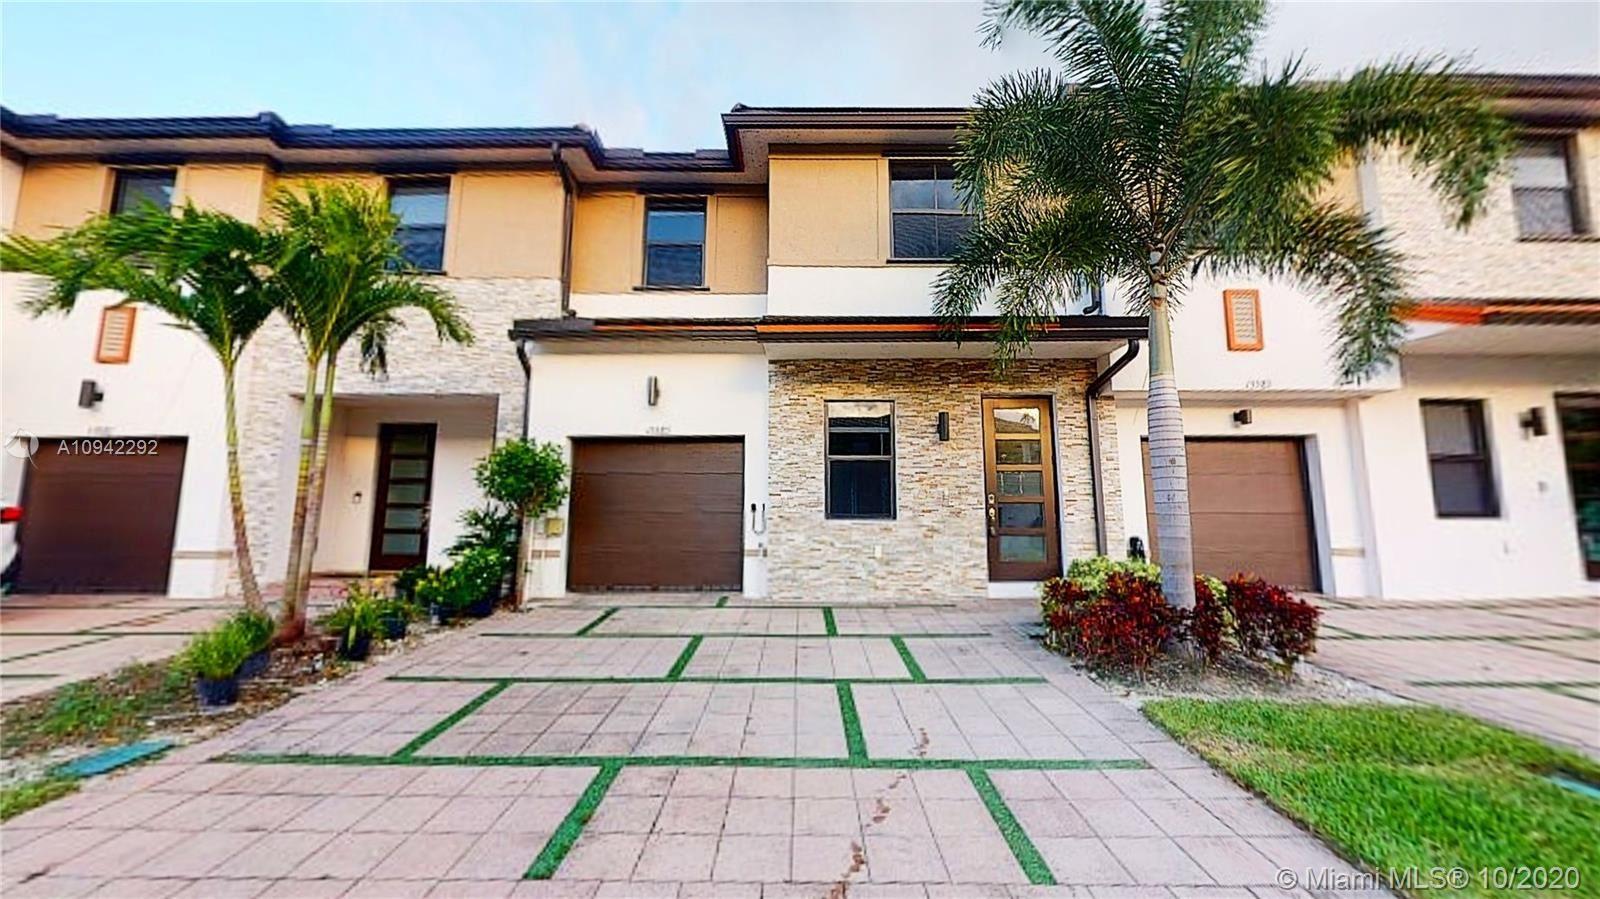 15585 NW 91st Ct #., Miami Lakes, FL 33018 - #: A10942292